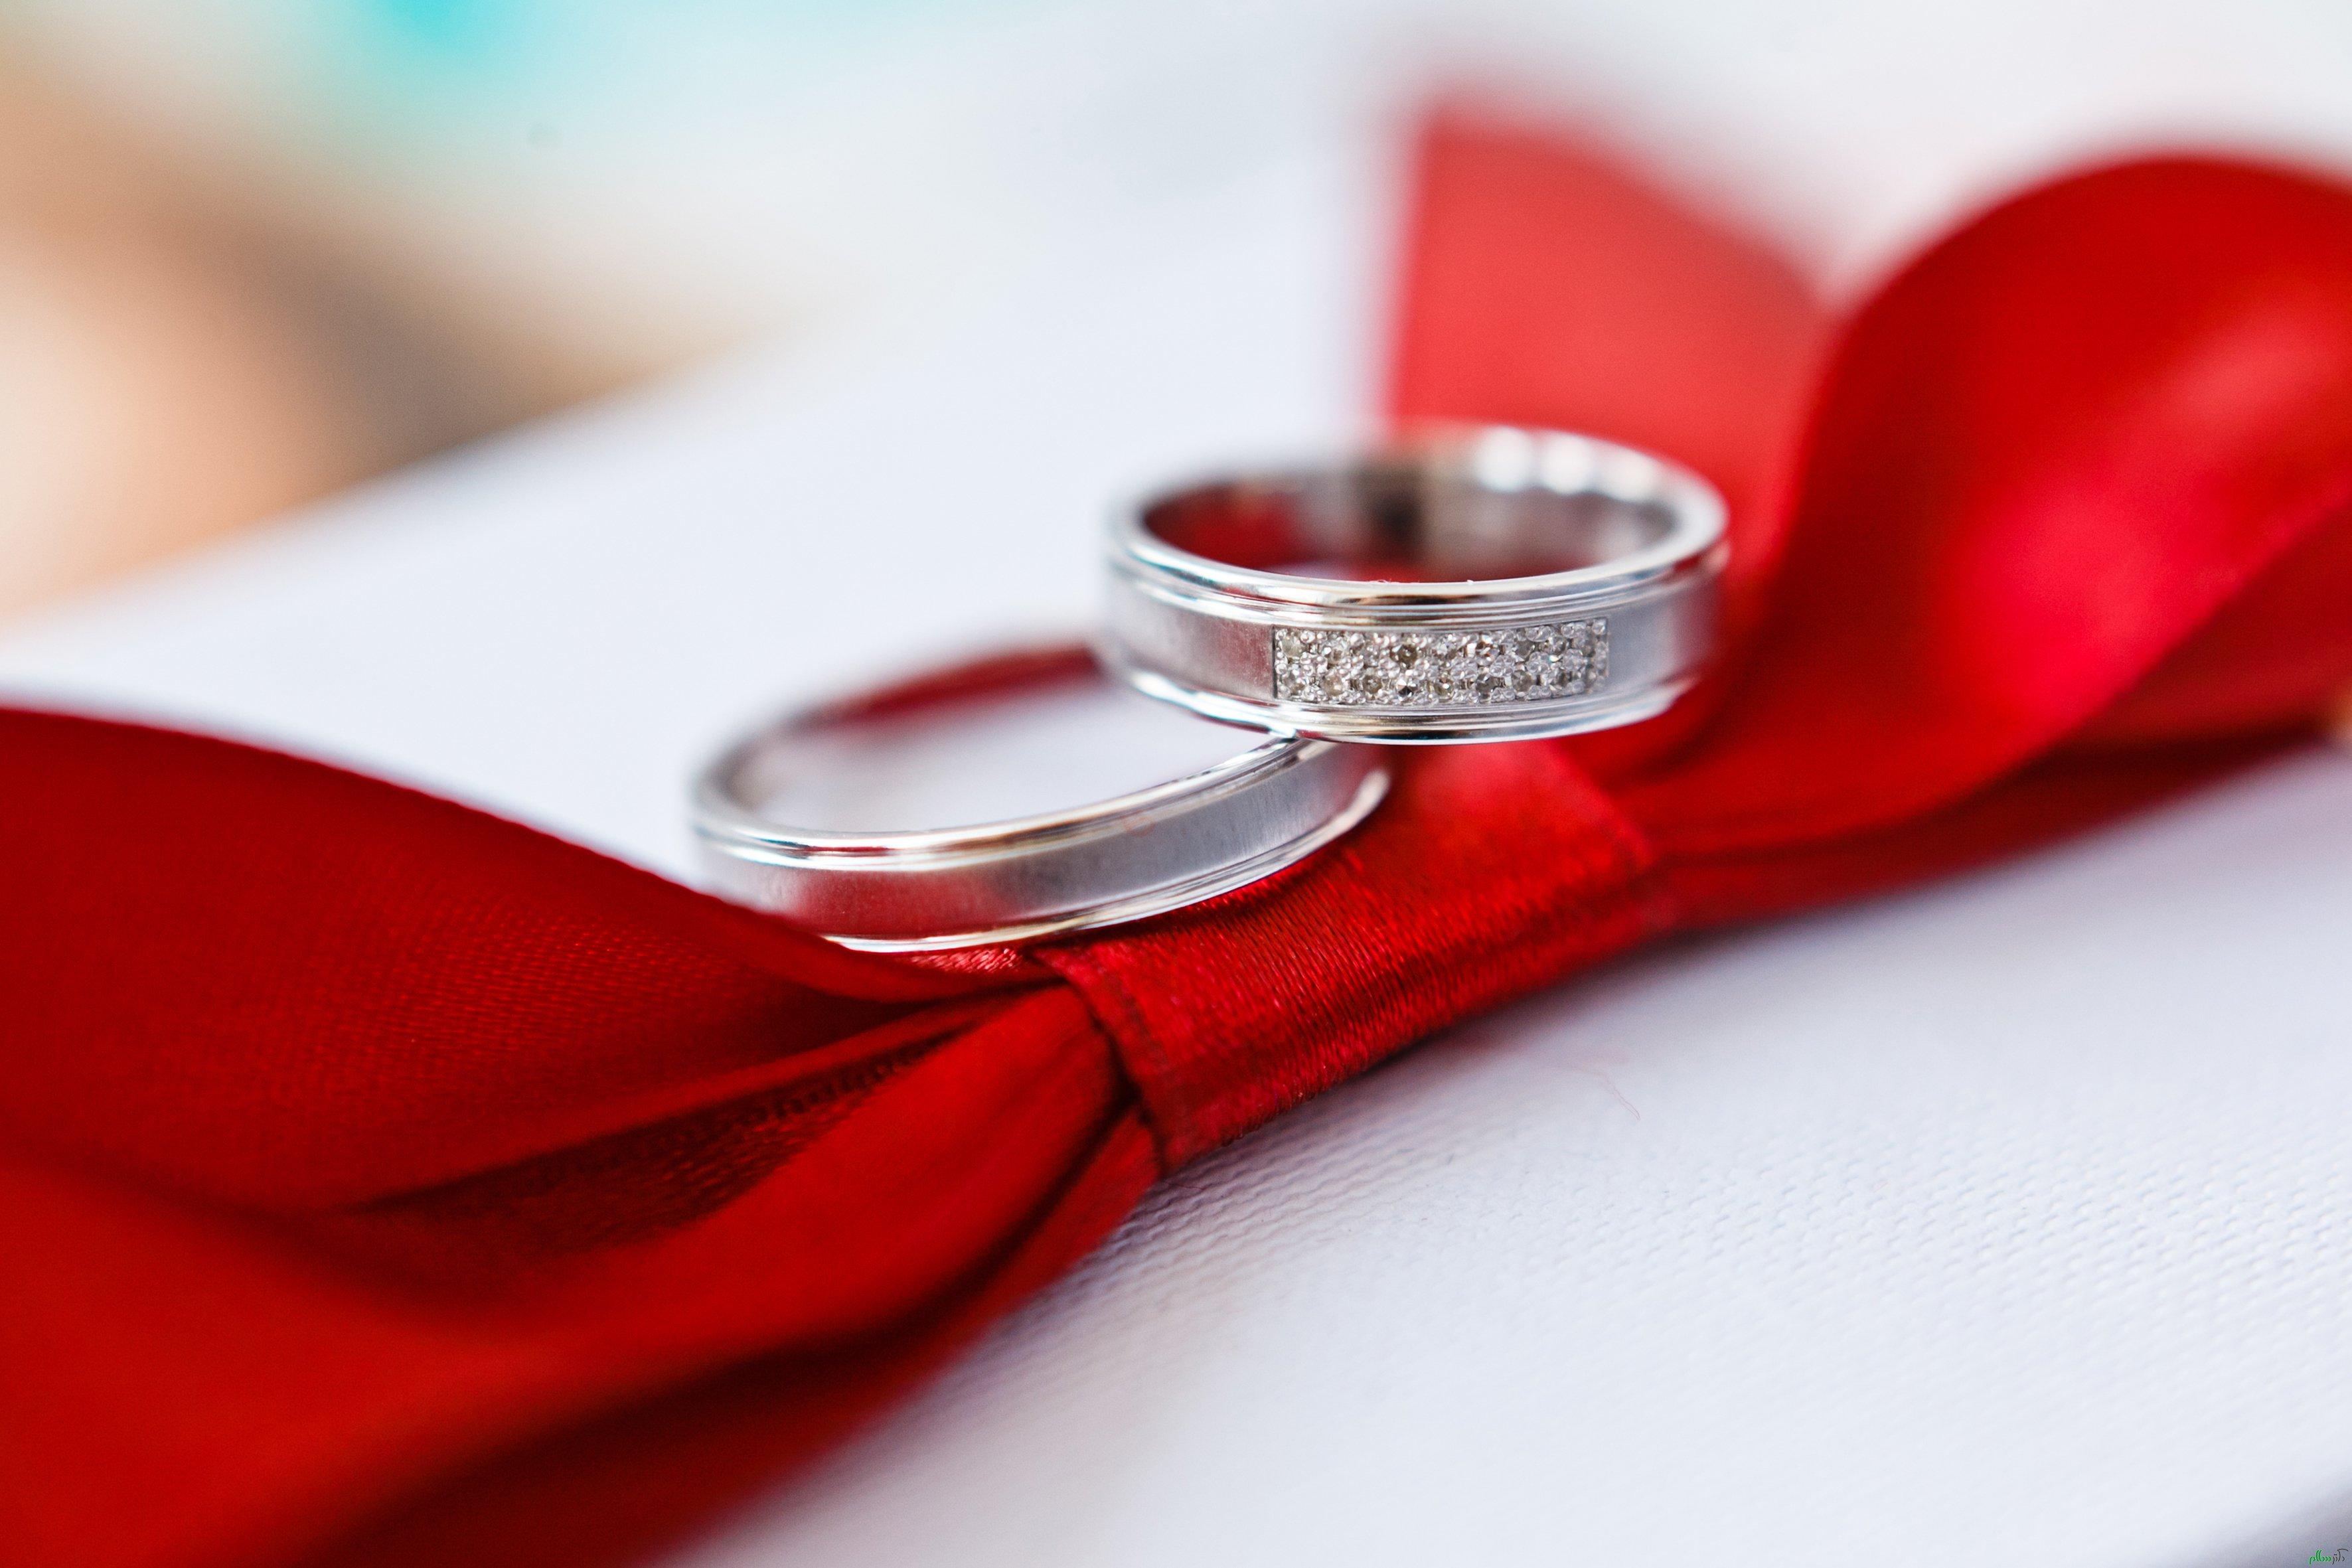 ازدواج آسان، واژه گمشده در بین جوانان